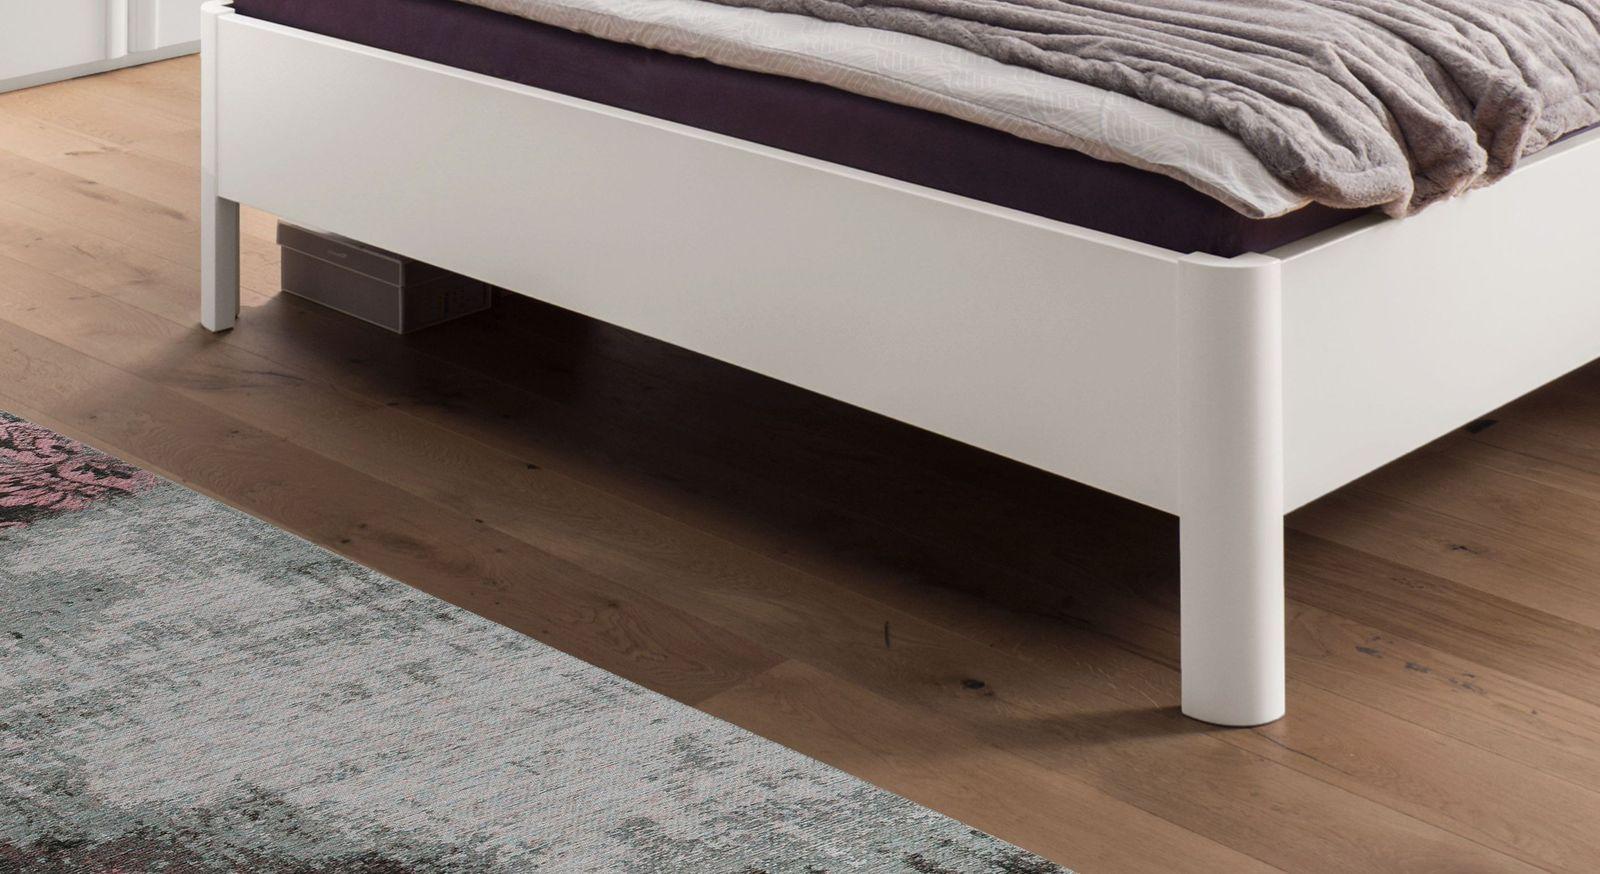 Komfort-Doppelbett Cavallino mit robusten Bettbeinen